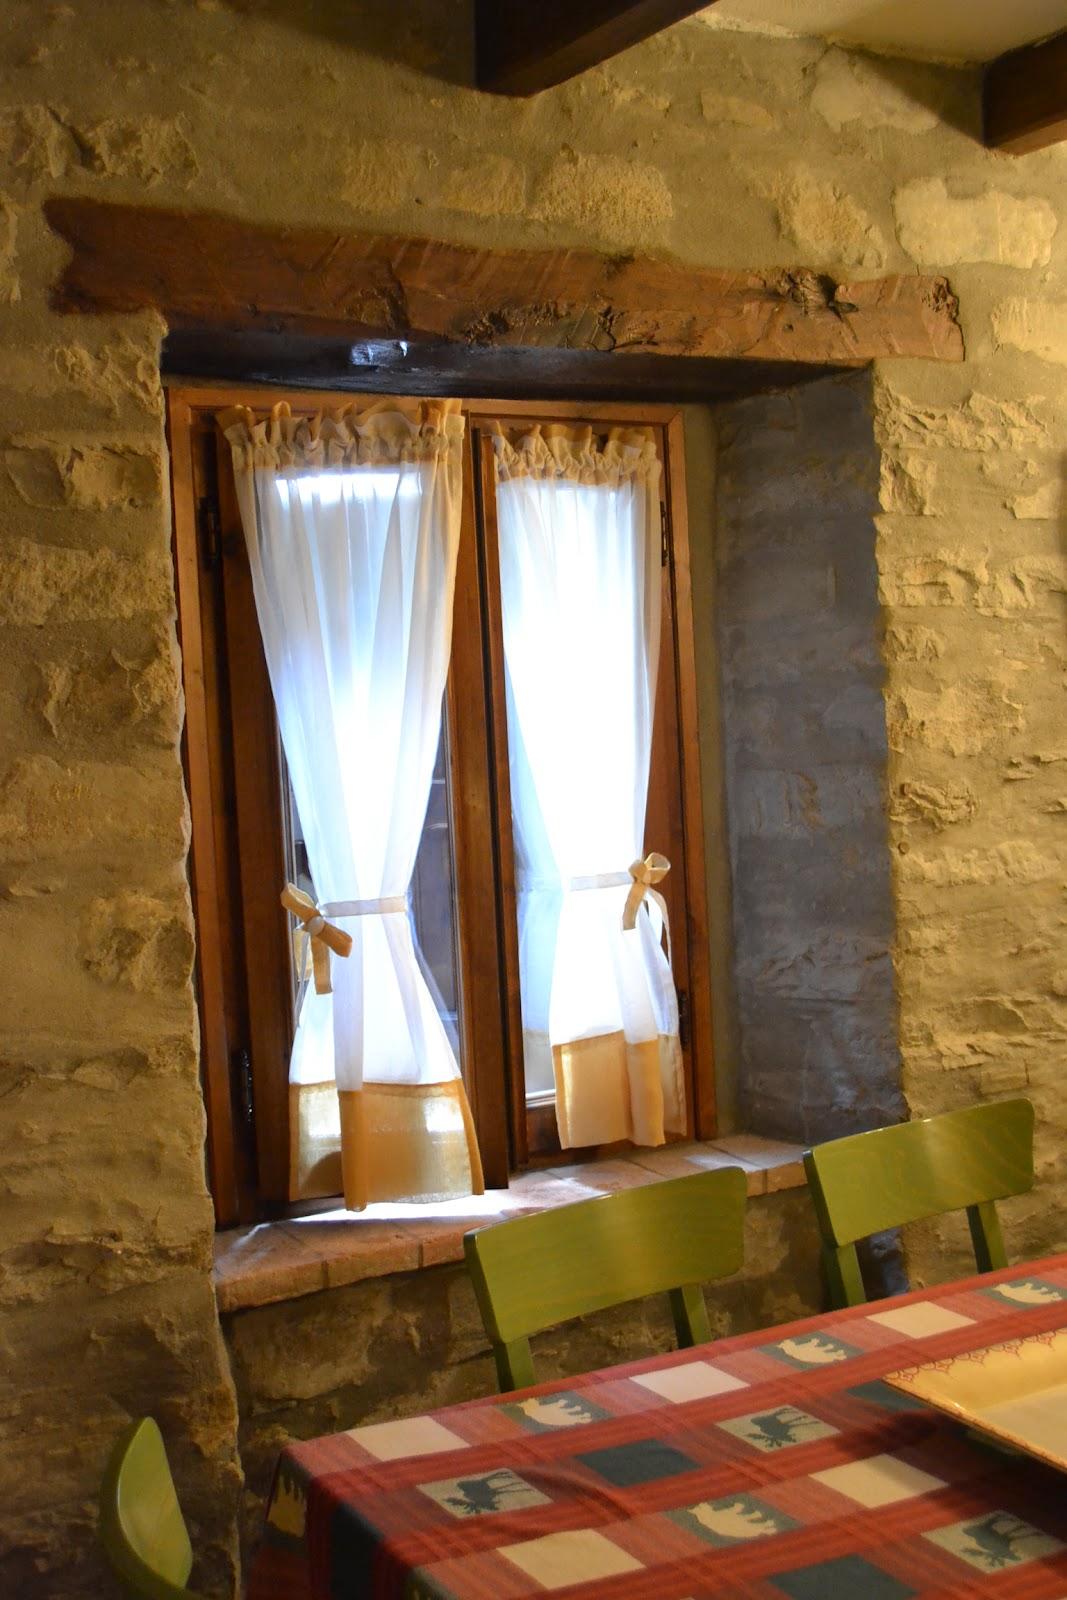 Country the blue dog sartoria d 39 interni tende con fiocchi e cuori in una deliziosa casa di montagna - Tende casa montagna ...